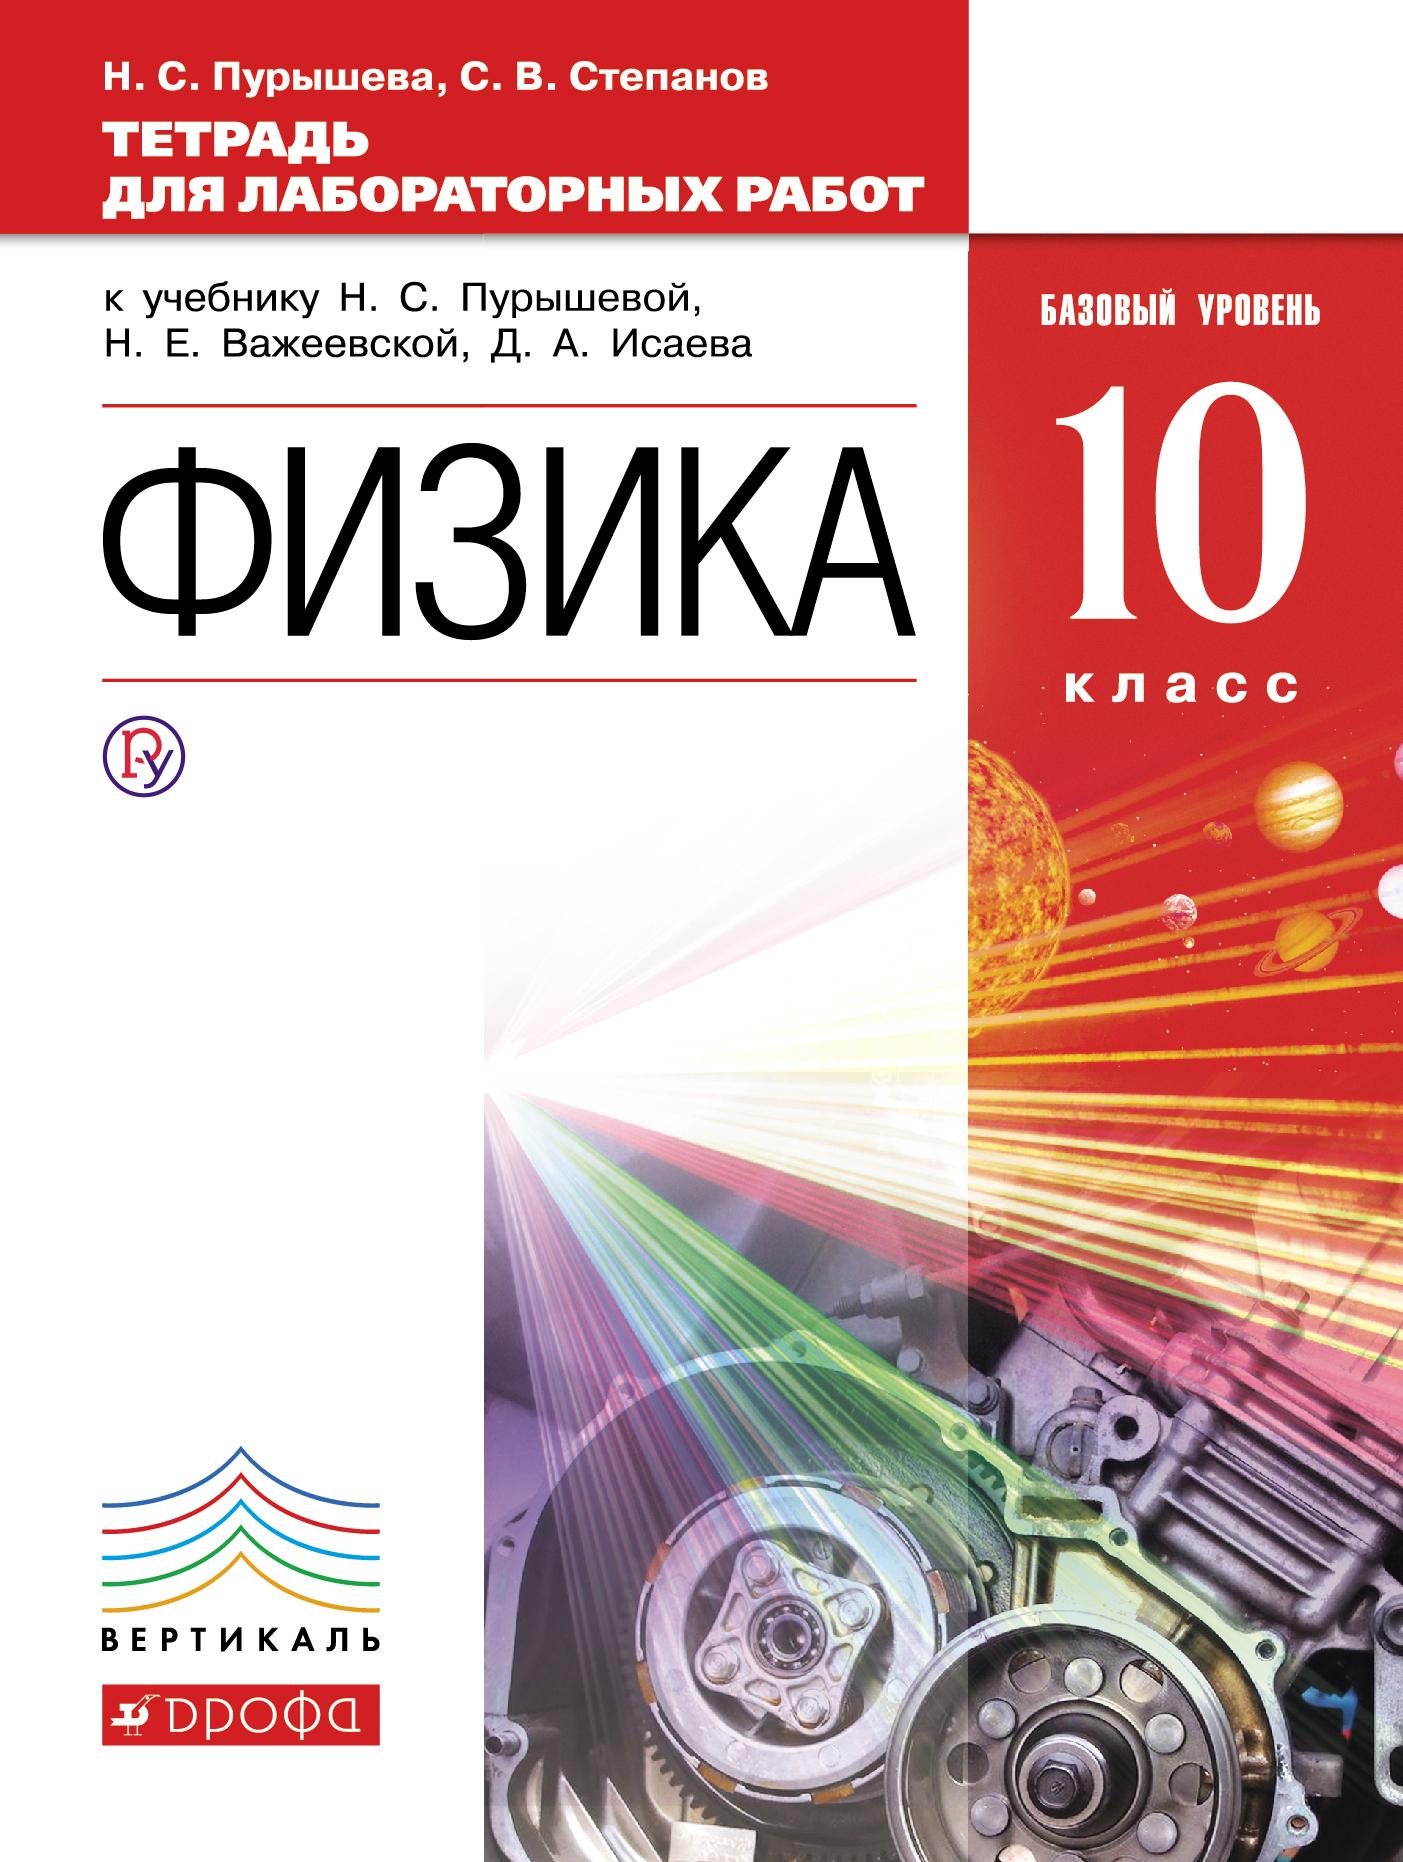 Физика. Базовый уровень. 10 класс. Тетрадь для лабораторных работ ( Пурышева Н.С., Степанов С.В.  )